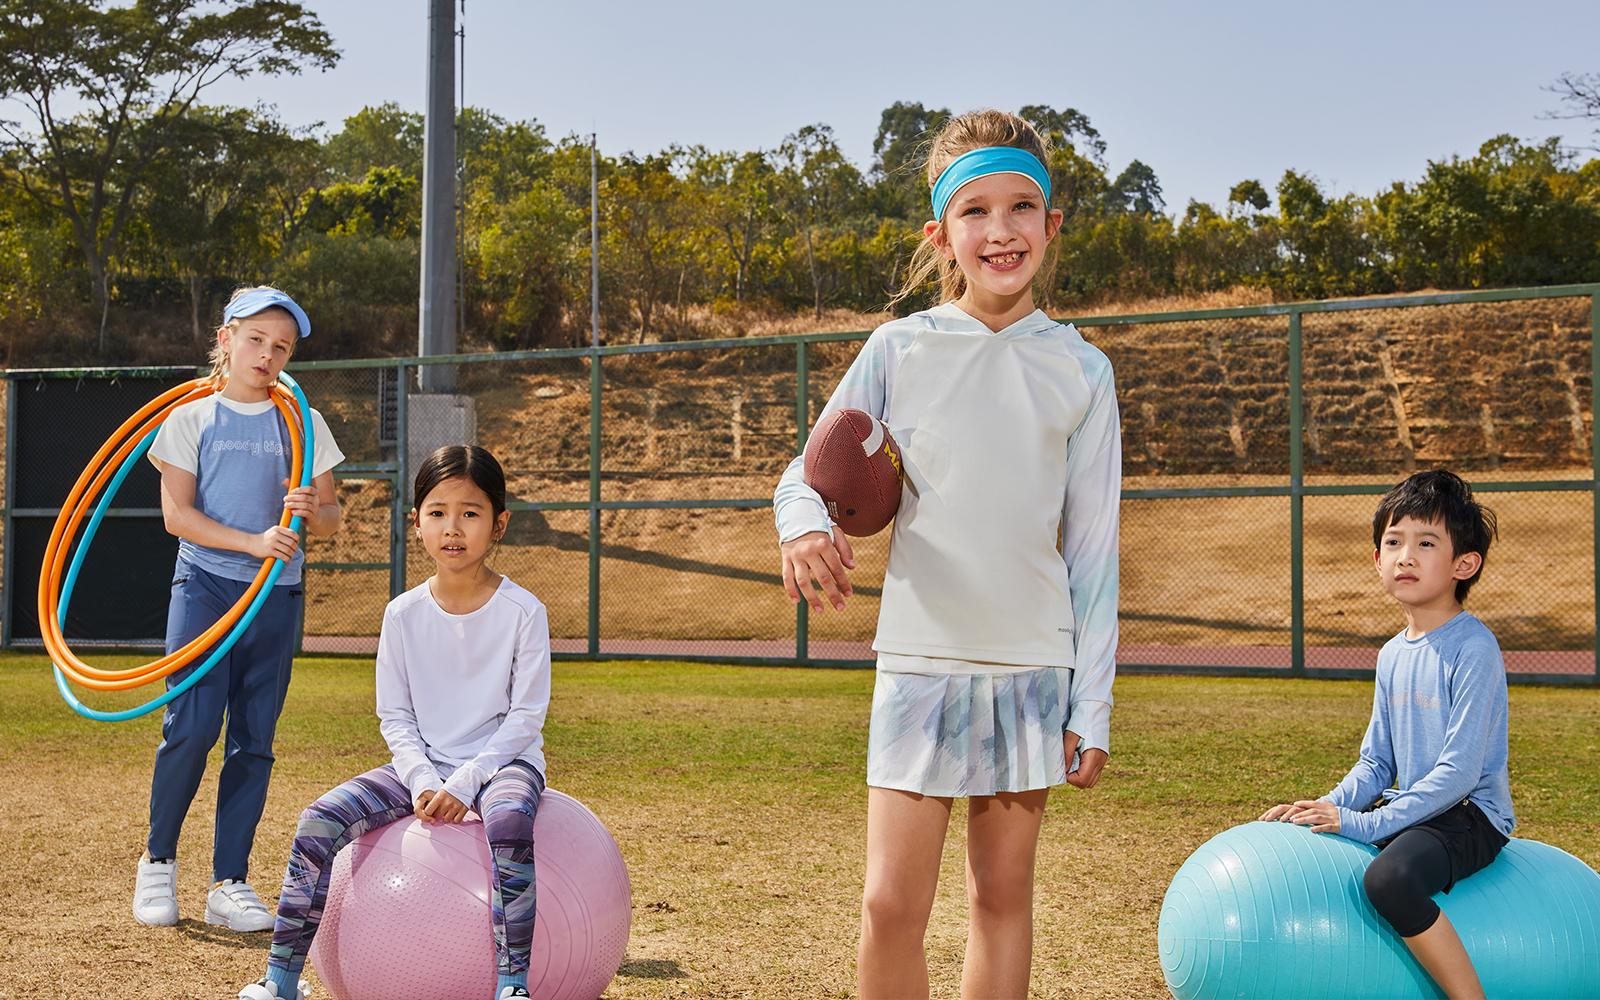 孩子比大人更爱动,为什么很少见到专为儿童设计的运动品牌?|BrandStar观察